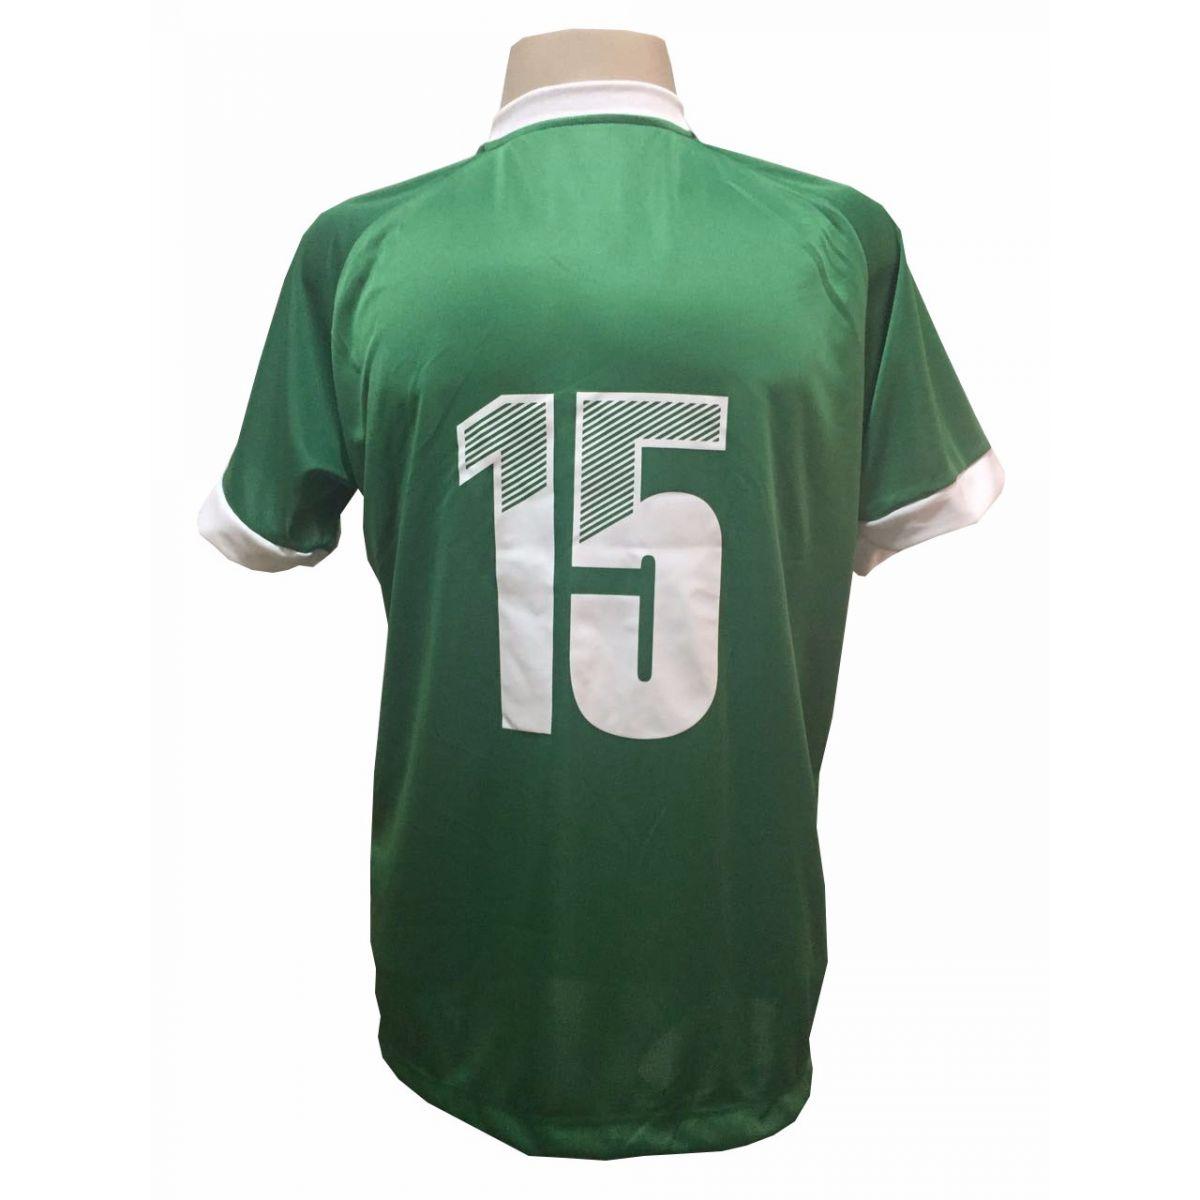 Jogo de Camisa com 20 unidades modelo Bélgica Verde/Branco + 1 Goleiro + Brindes